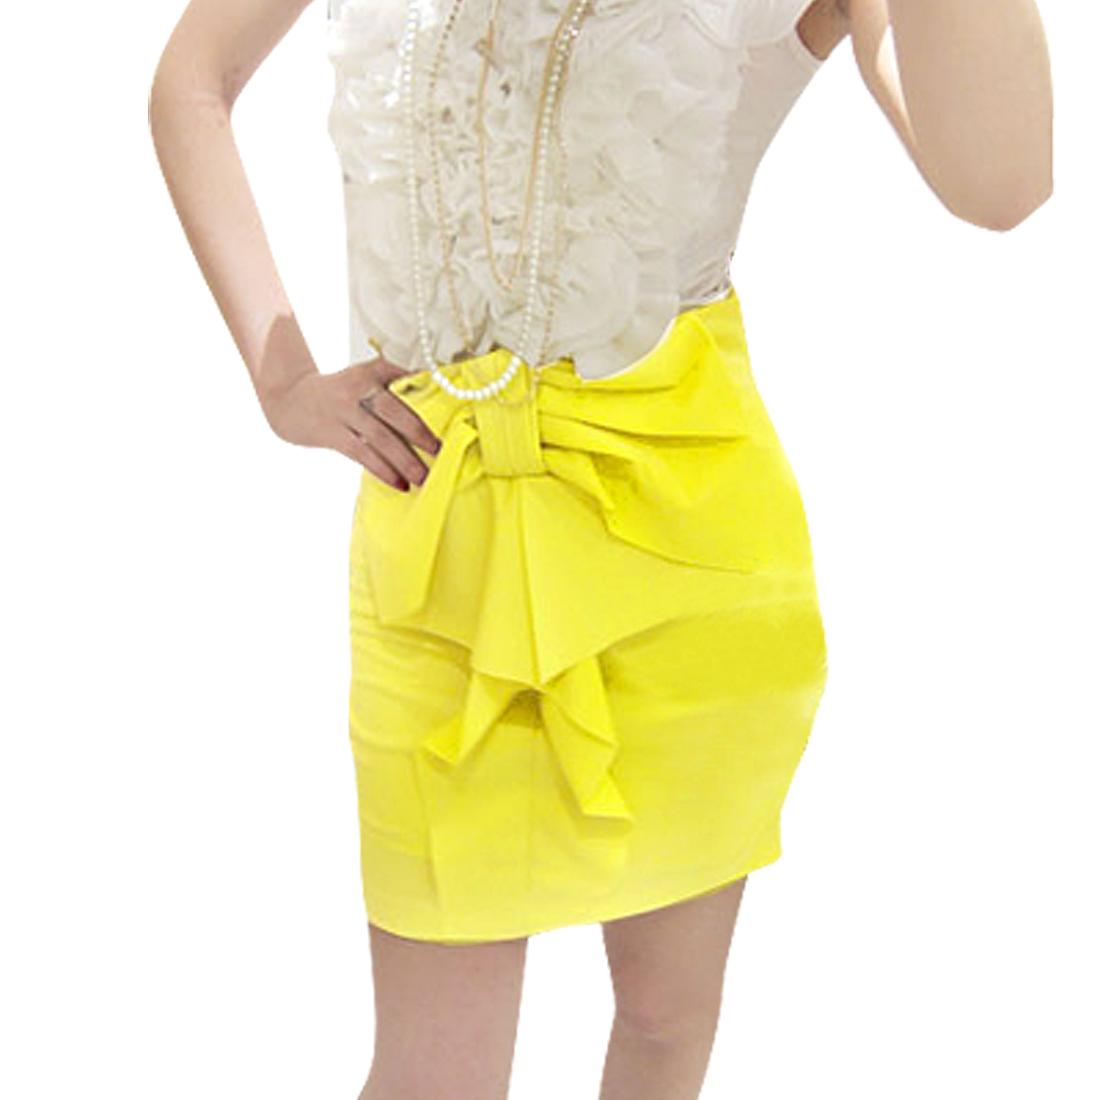 Women Yellow Bowtie Ruffled Decor Above Knee Skirt S